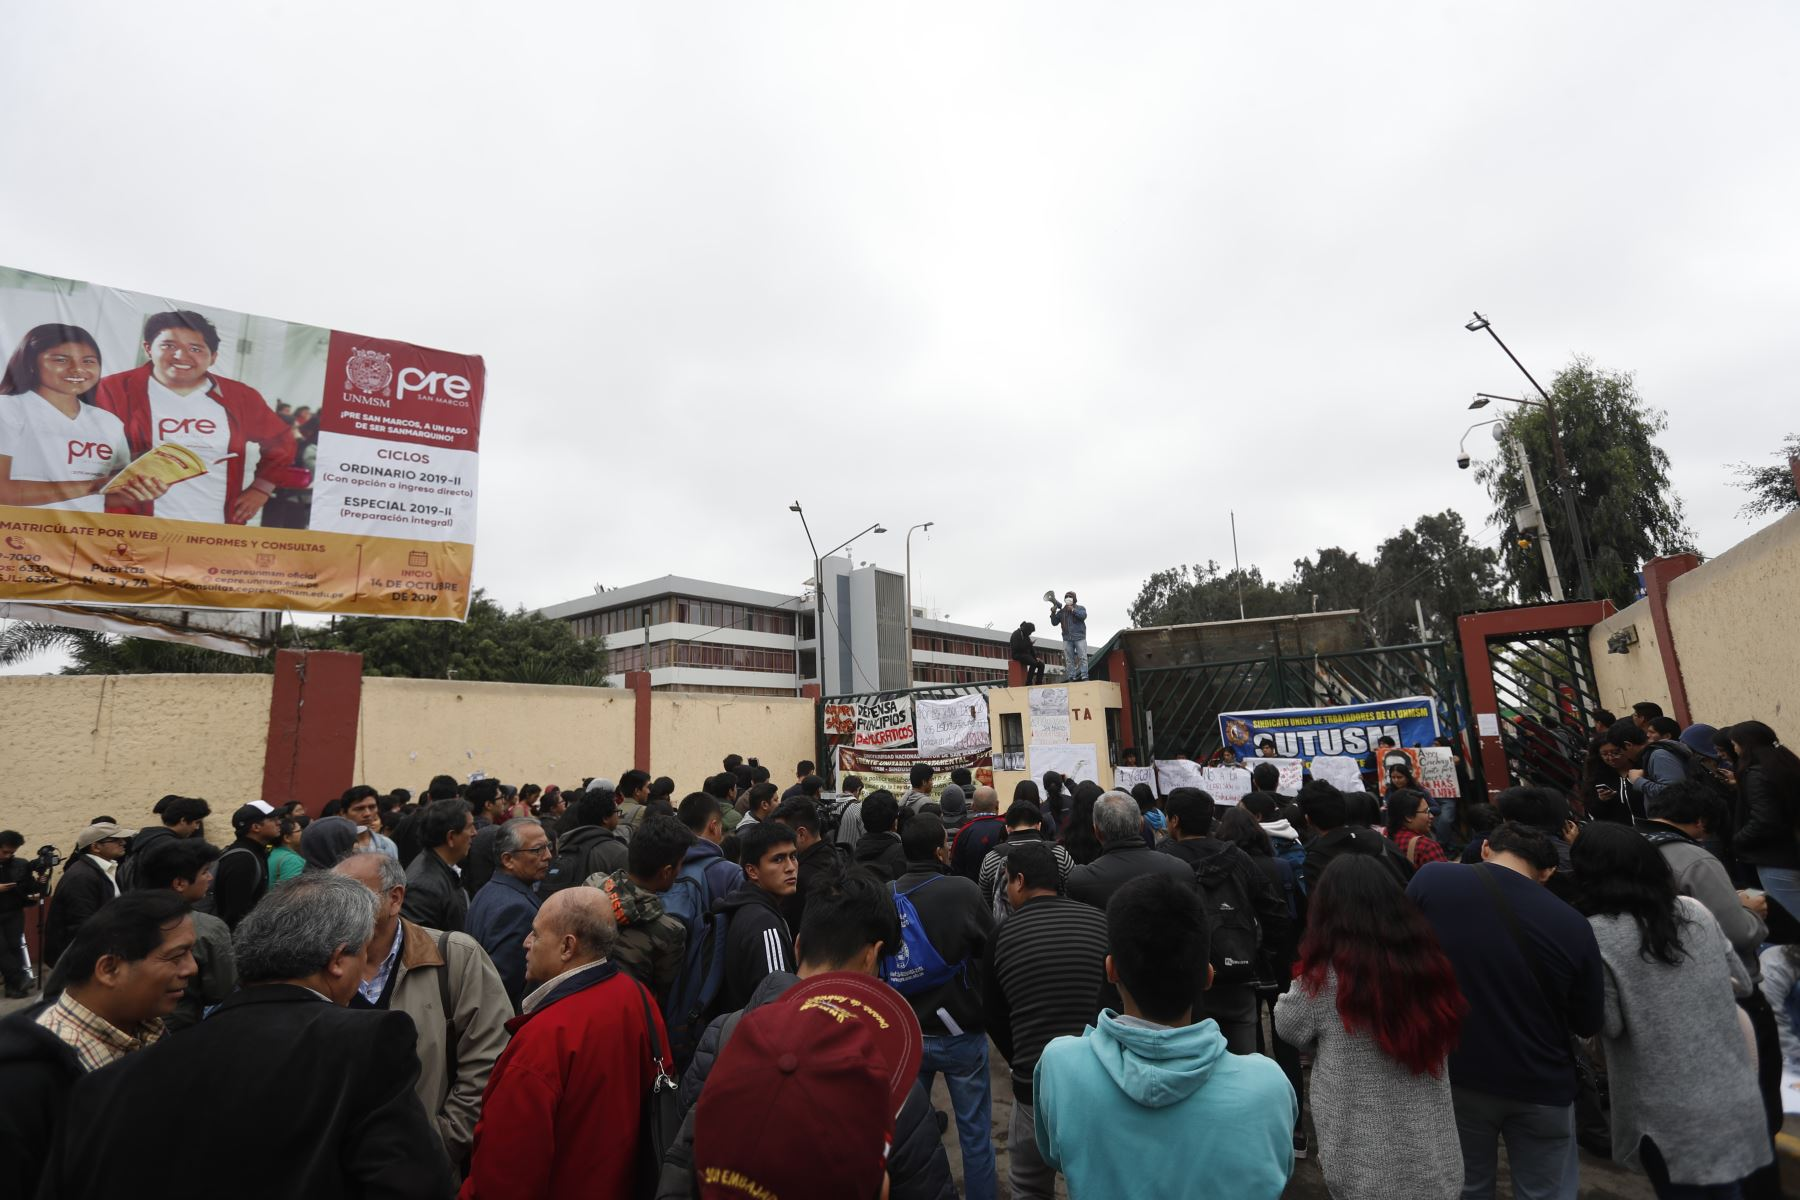 Campus de la Universidad Nacional Mayor de San Marcos (UNMSM) continúa tomado por estudiantes en protesta a la construcción del bypass. Foto: ANDINA/Renato Pajuelo